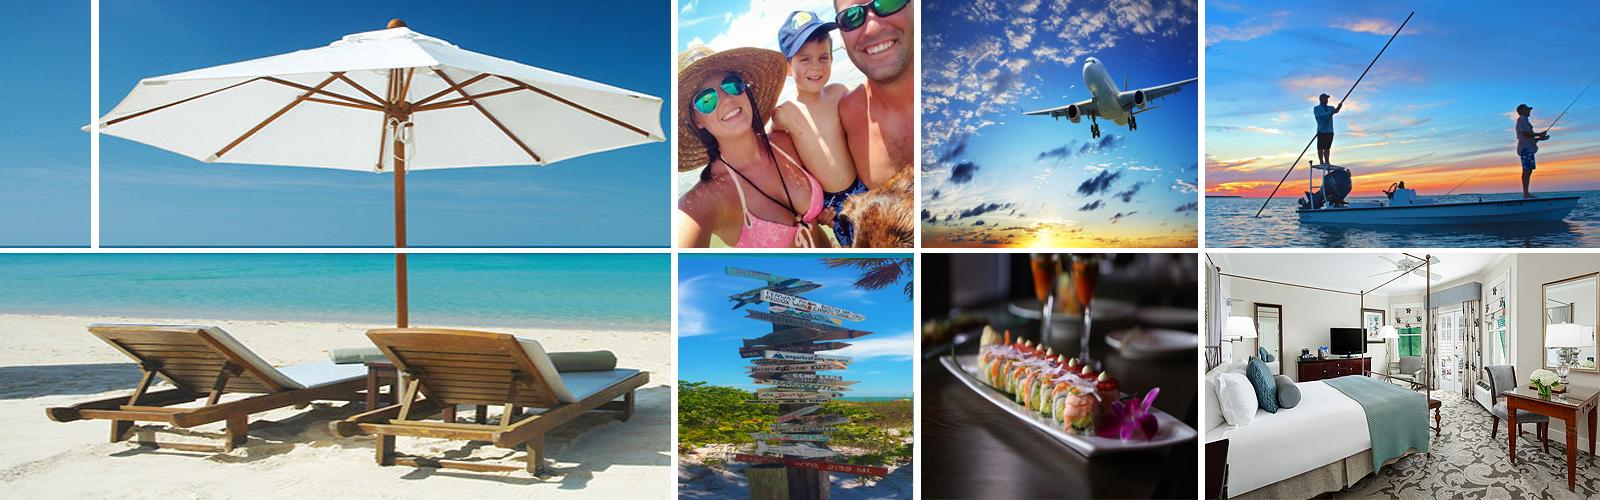 Boca Grande Florida hotels and vacation rentals